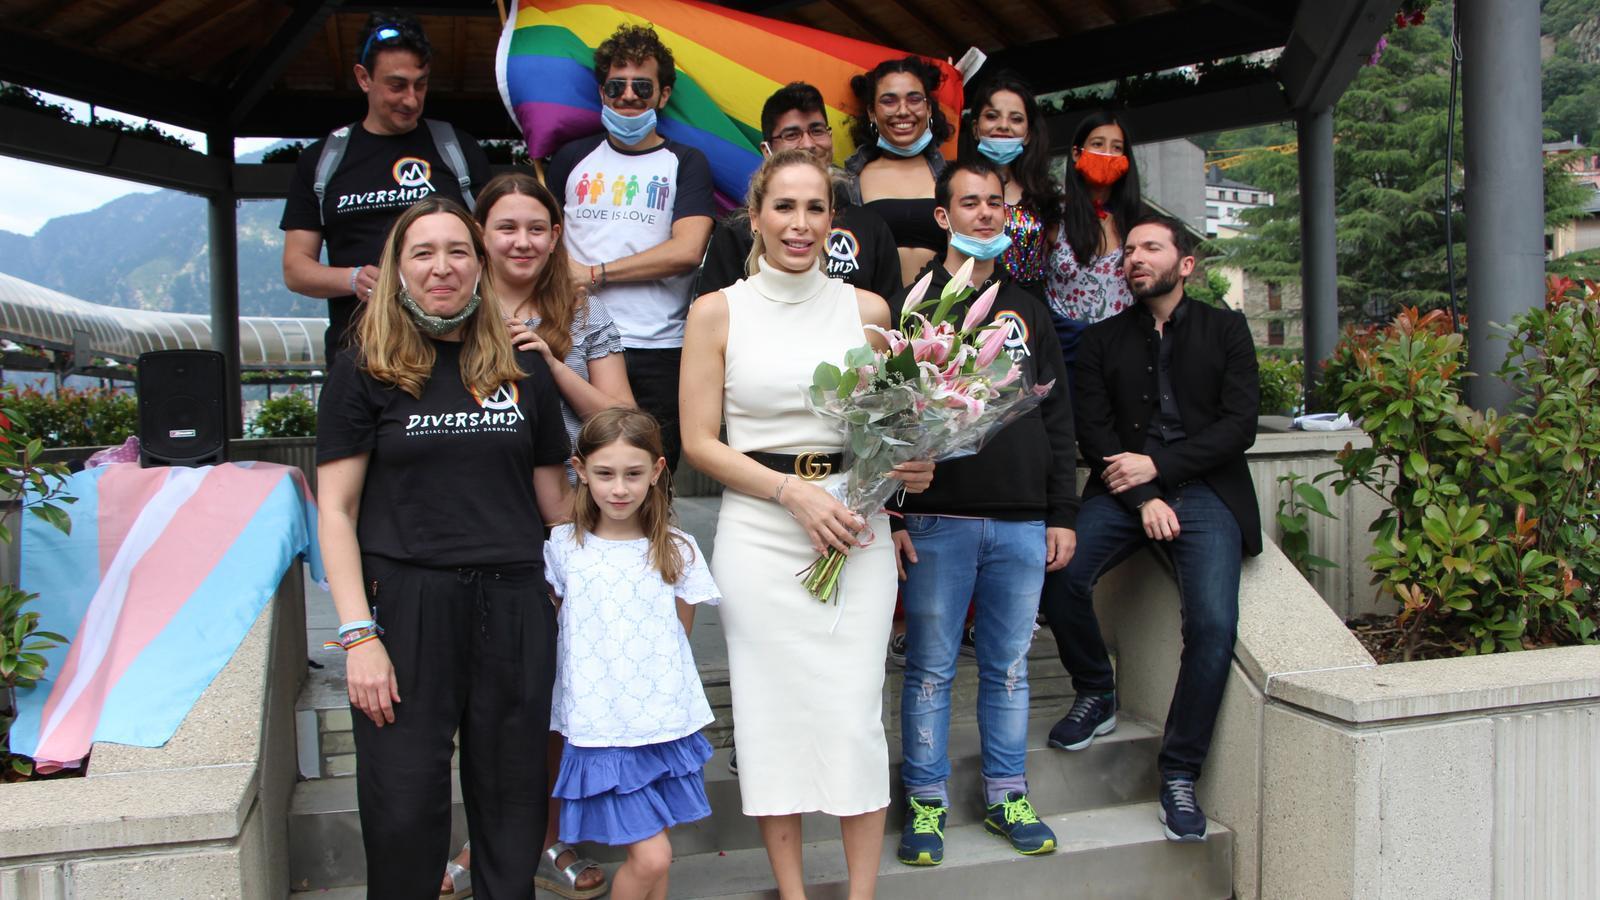 Michelle Relayze amb membres de l'associació Diversand. / A. S. (ANA)